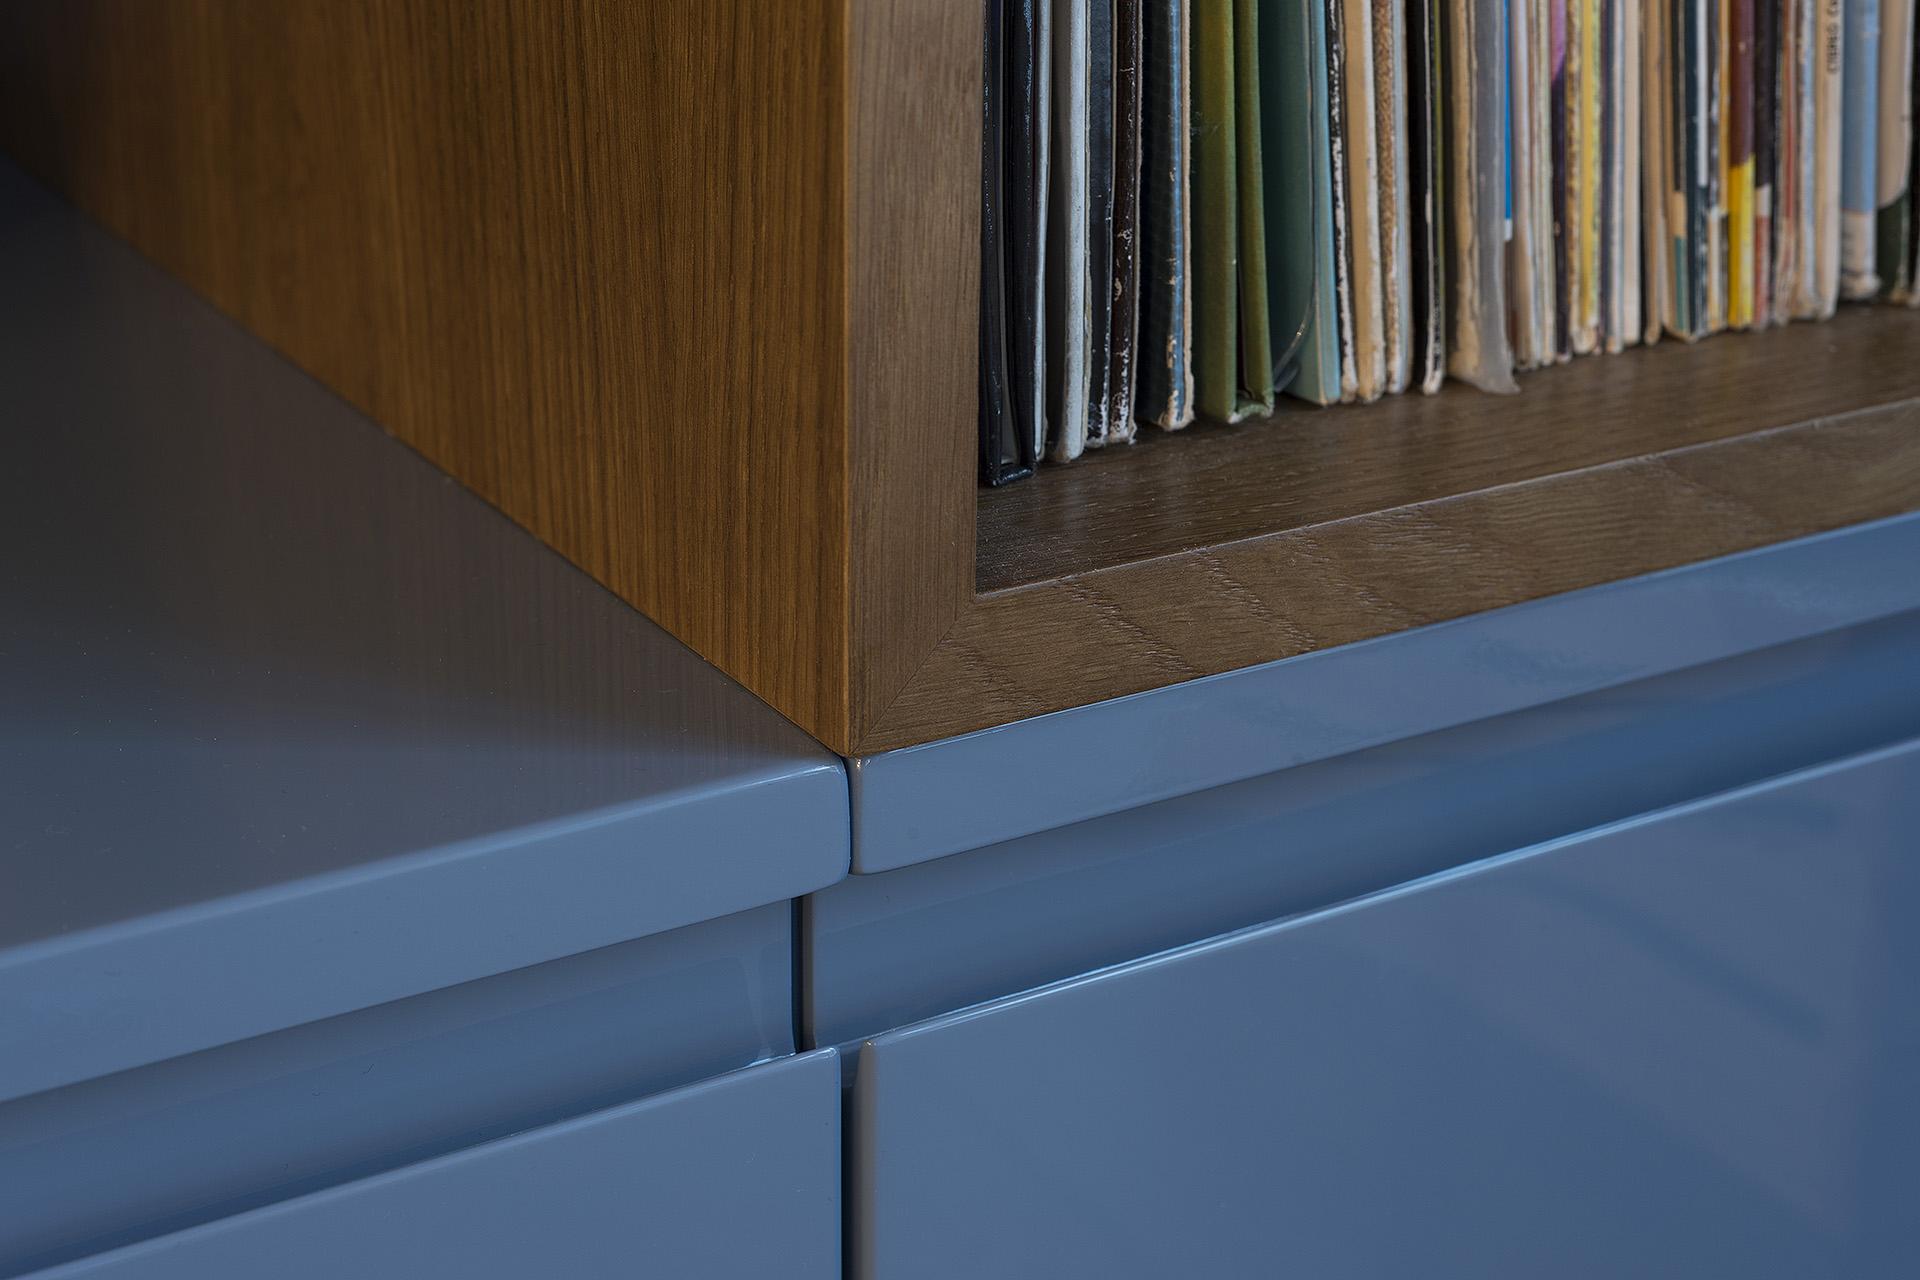 detalė-mėlynas-baldas-ąžuoals